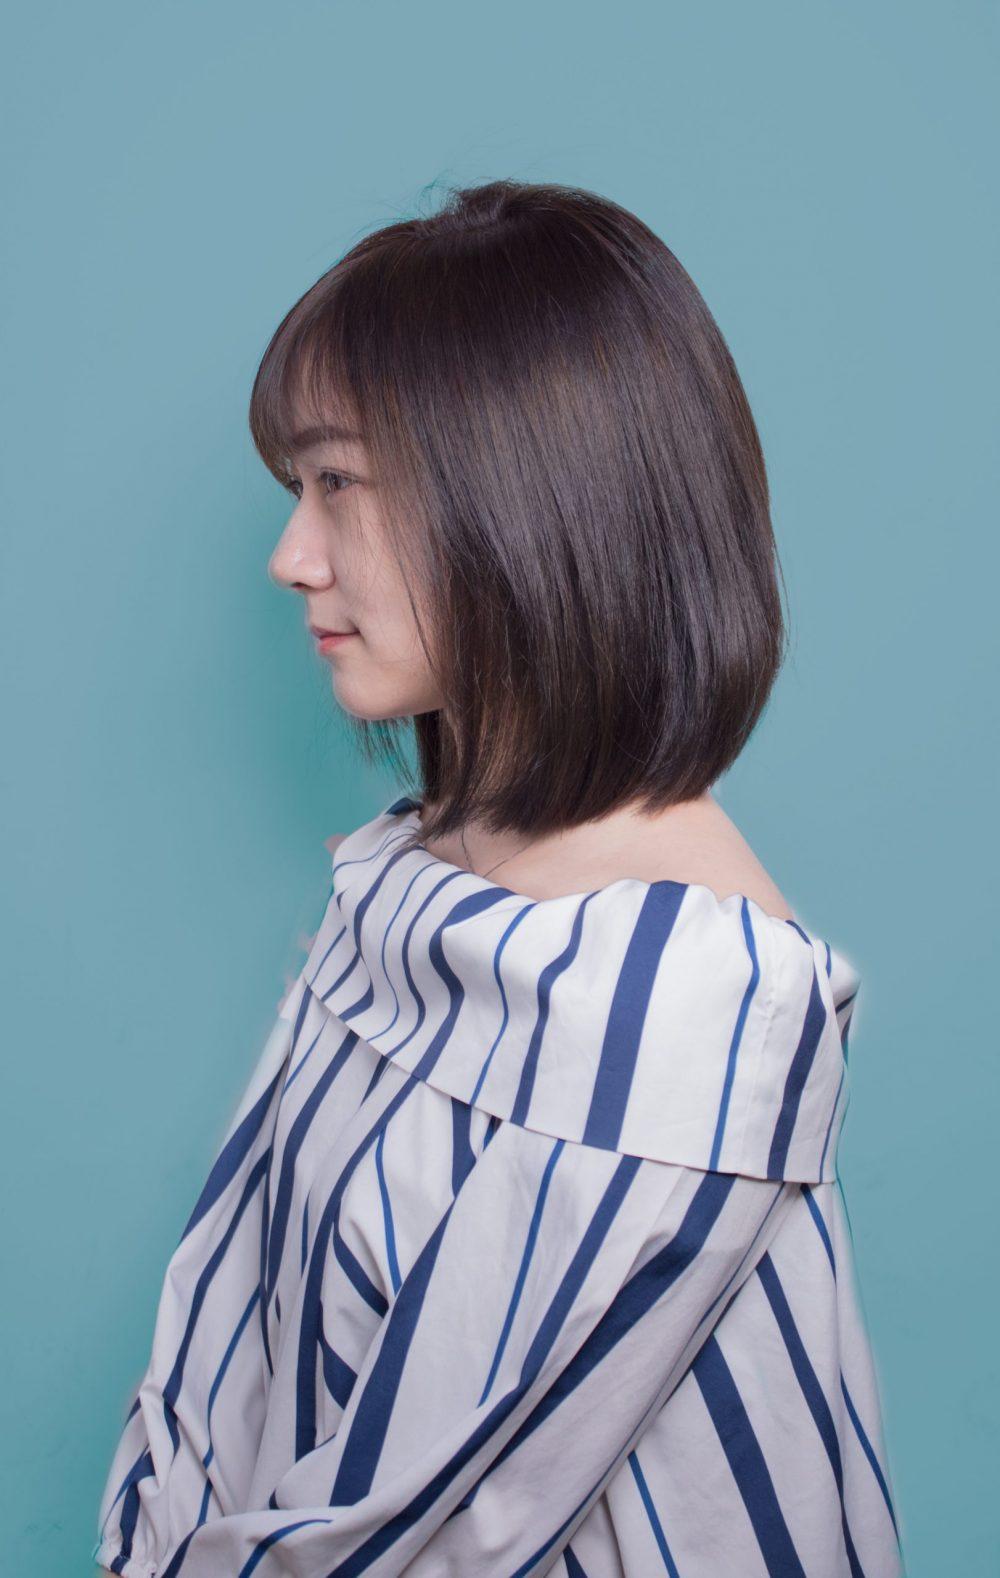 2020布丁頭不明顯的髮色 顯白顯氣質必備!台北中山區染髮推薦必看!